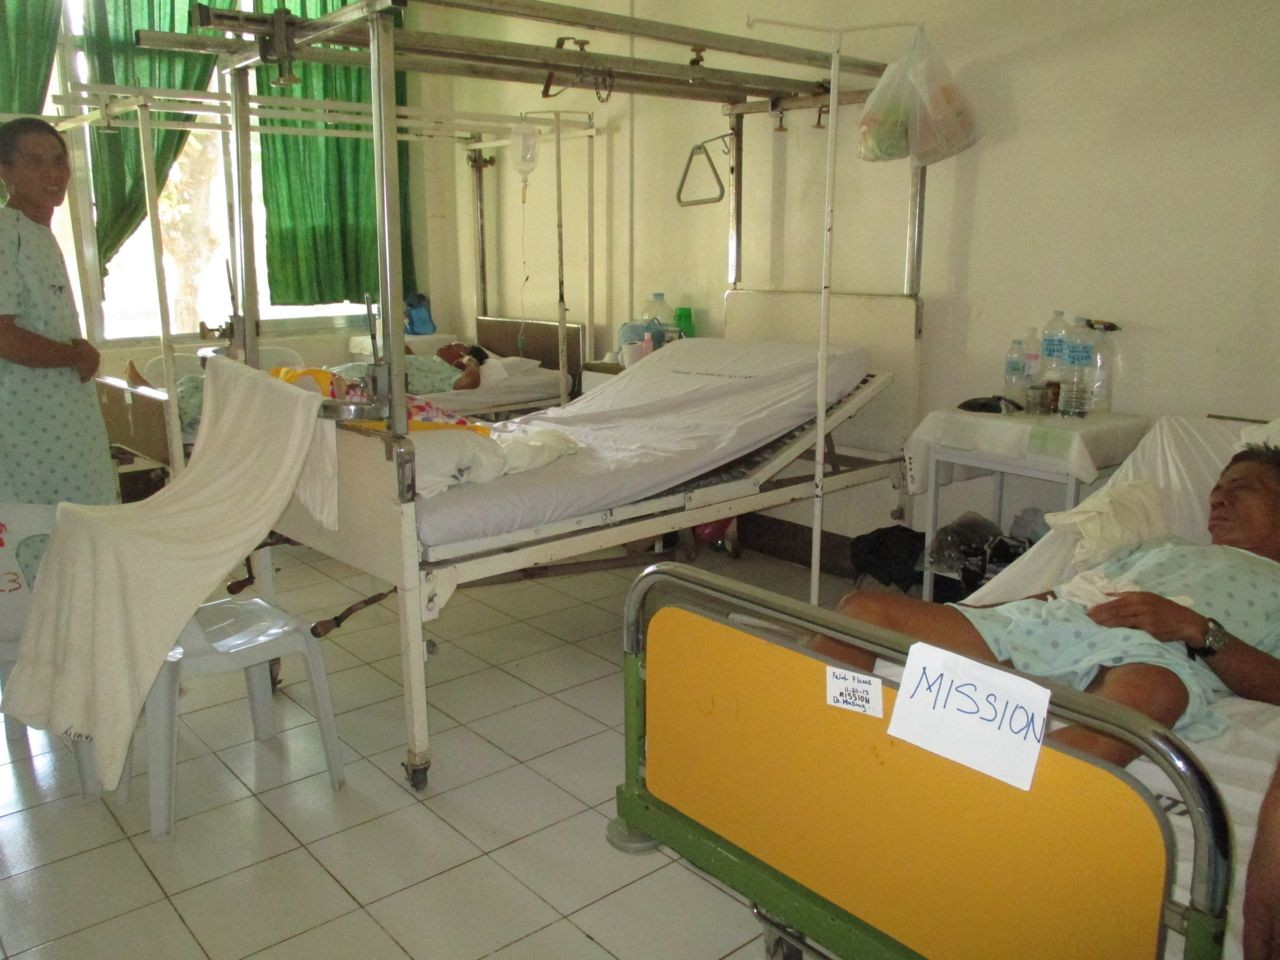 ein Patientenzimmer, speziell für die Mission-Patienten